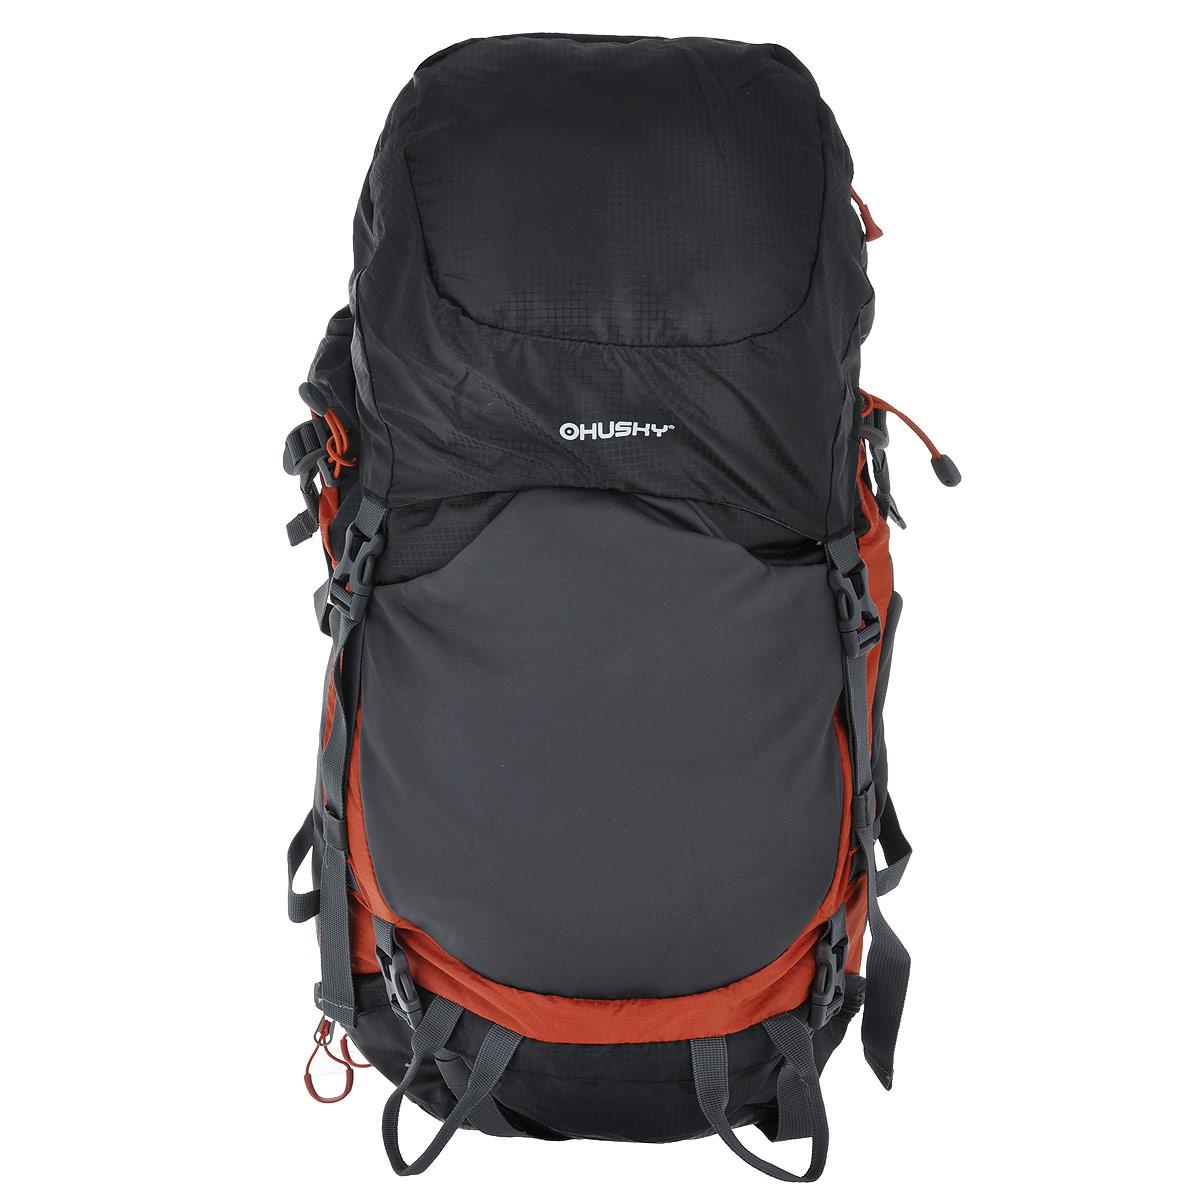 Рюкзак туристический Husky Menic, цвет: черный, серый, оранжевый, 50 л husky menic